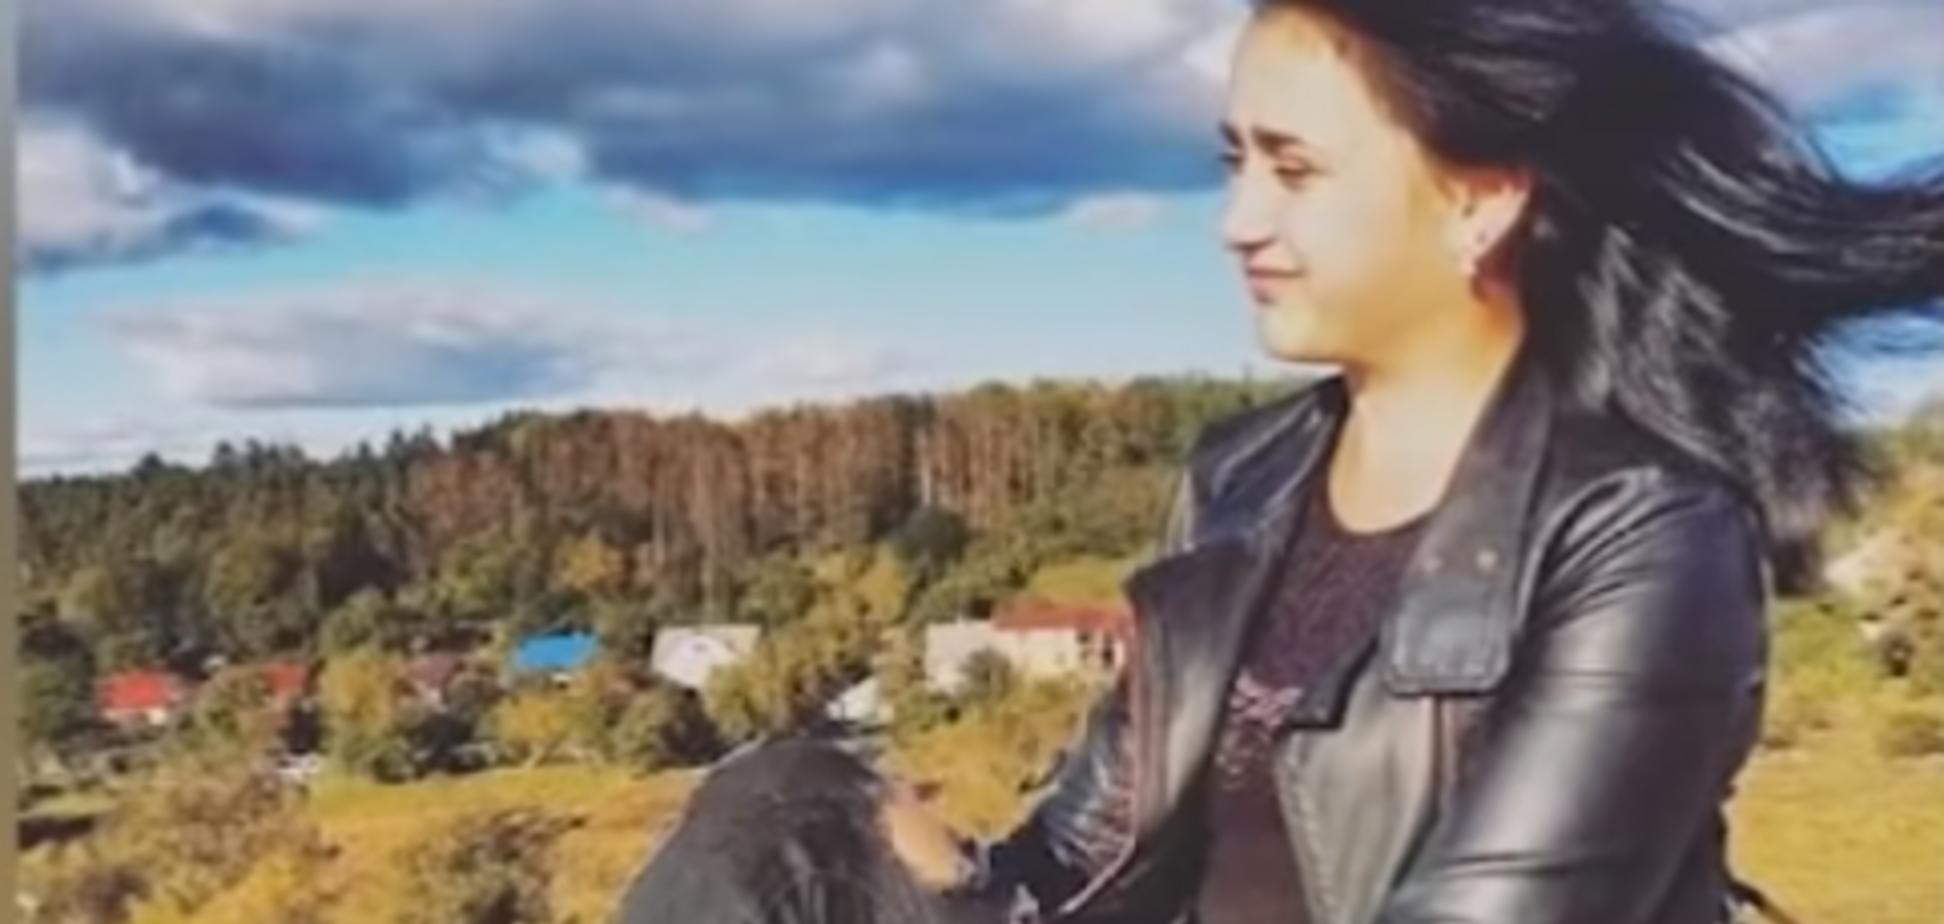 ''Я іду по трасі'': у справі про загибель студентки в лісі на Житомирщині знайшлася невідповідність